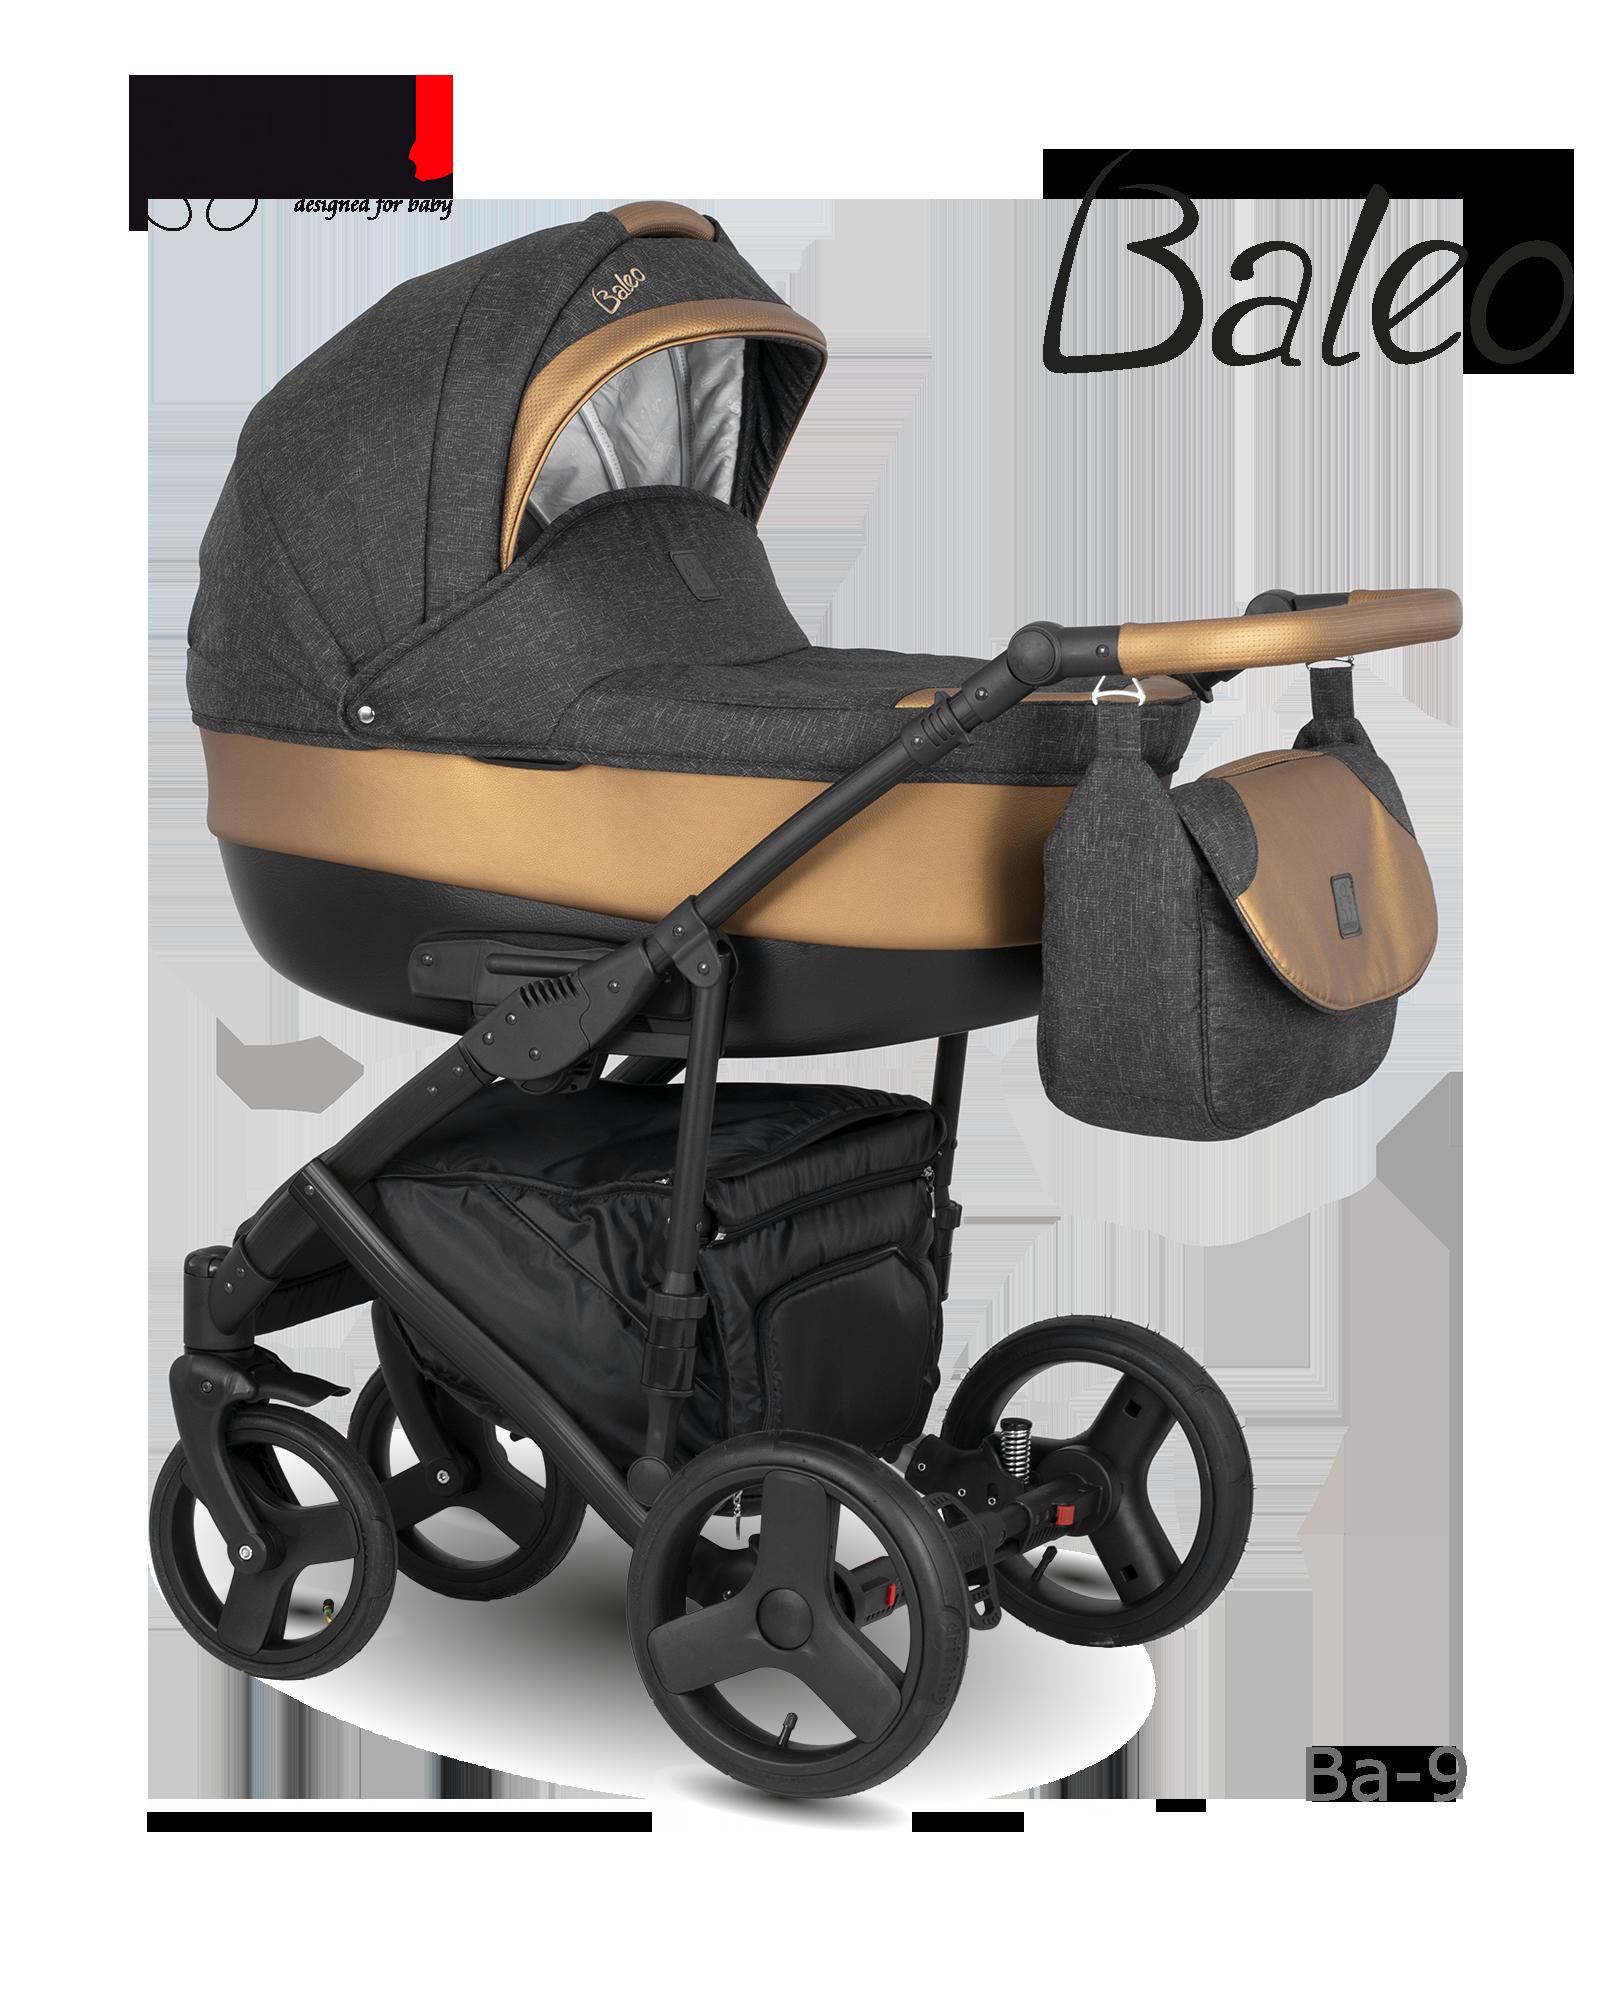 Baleo-Ba09a